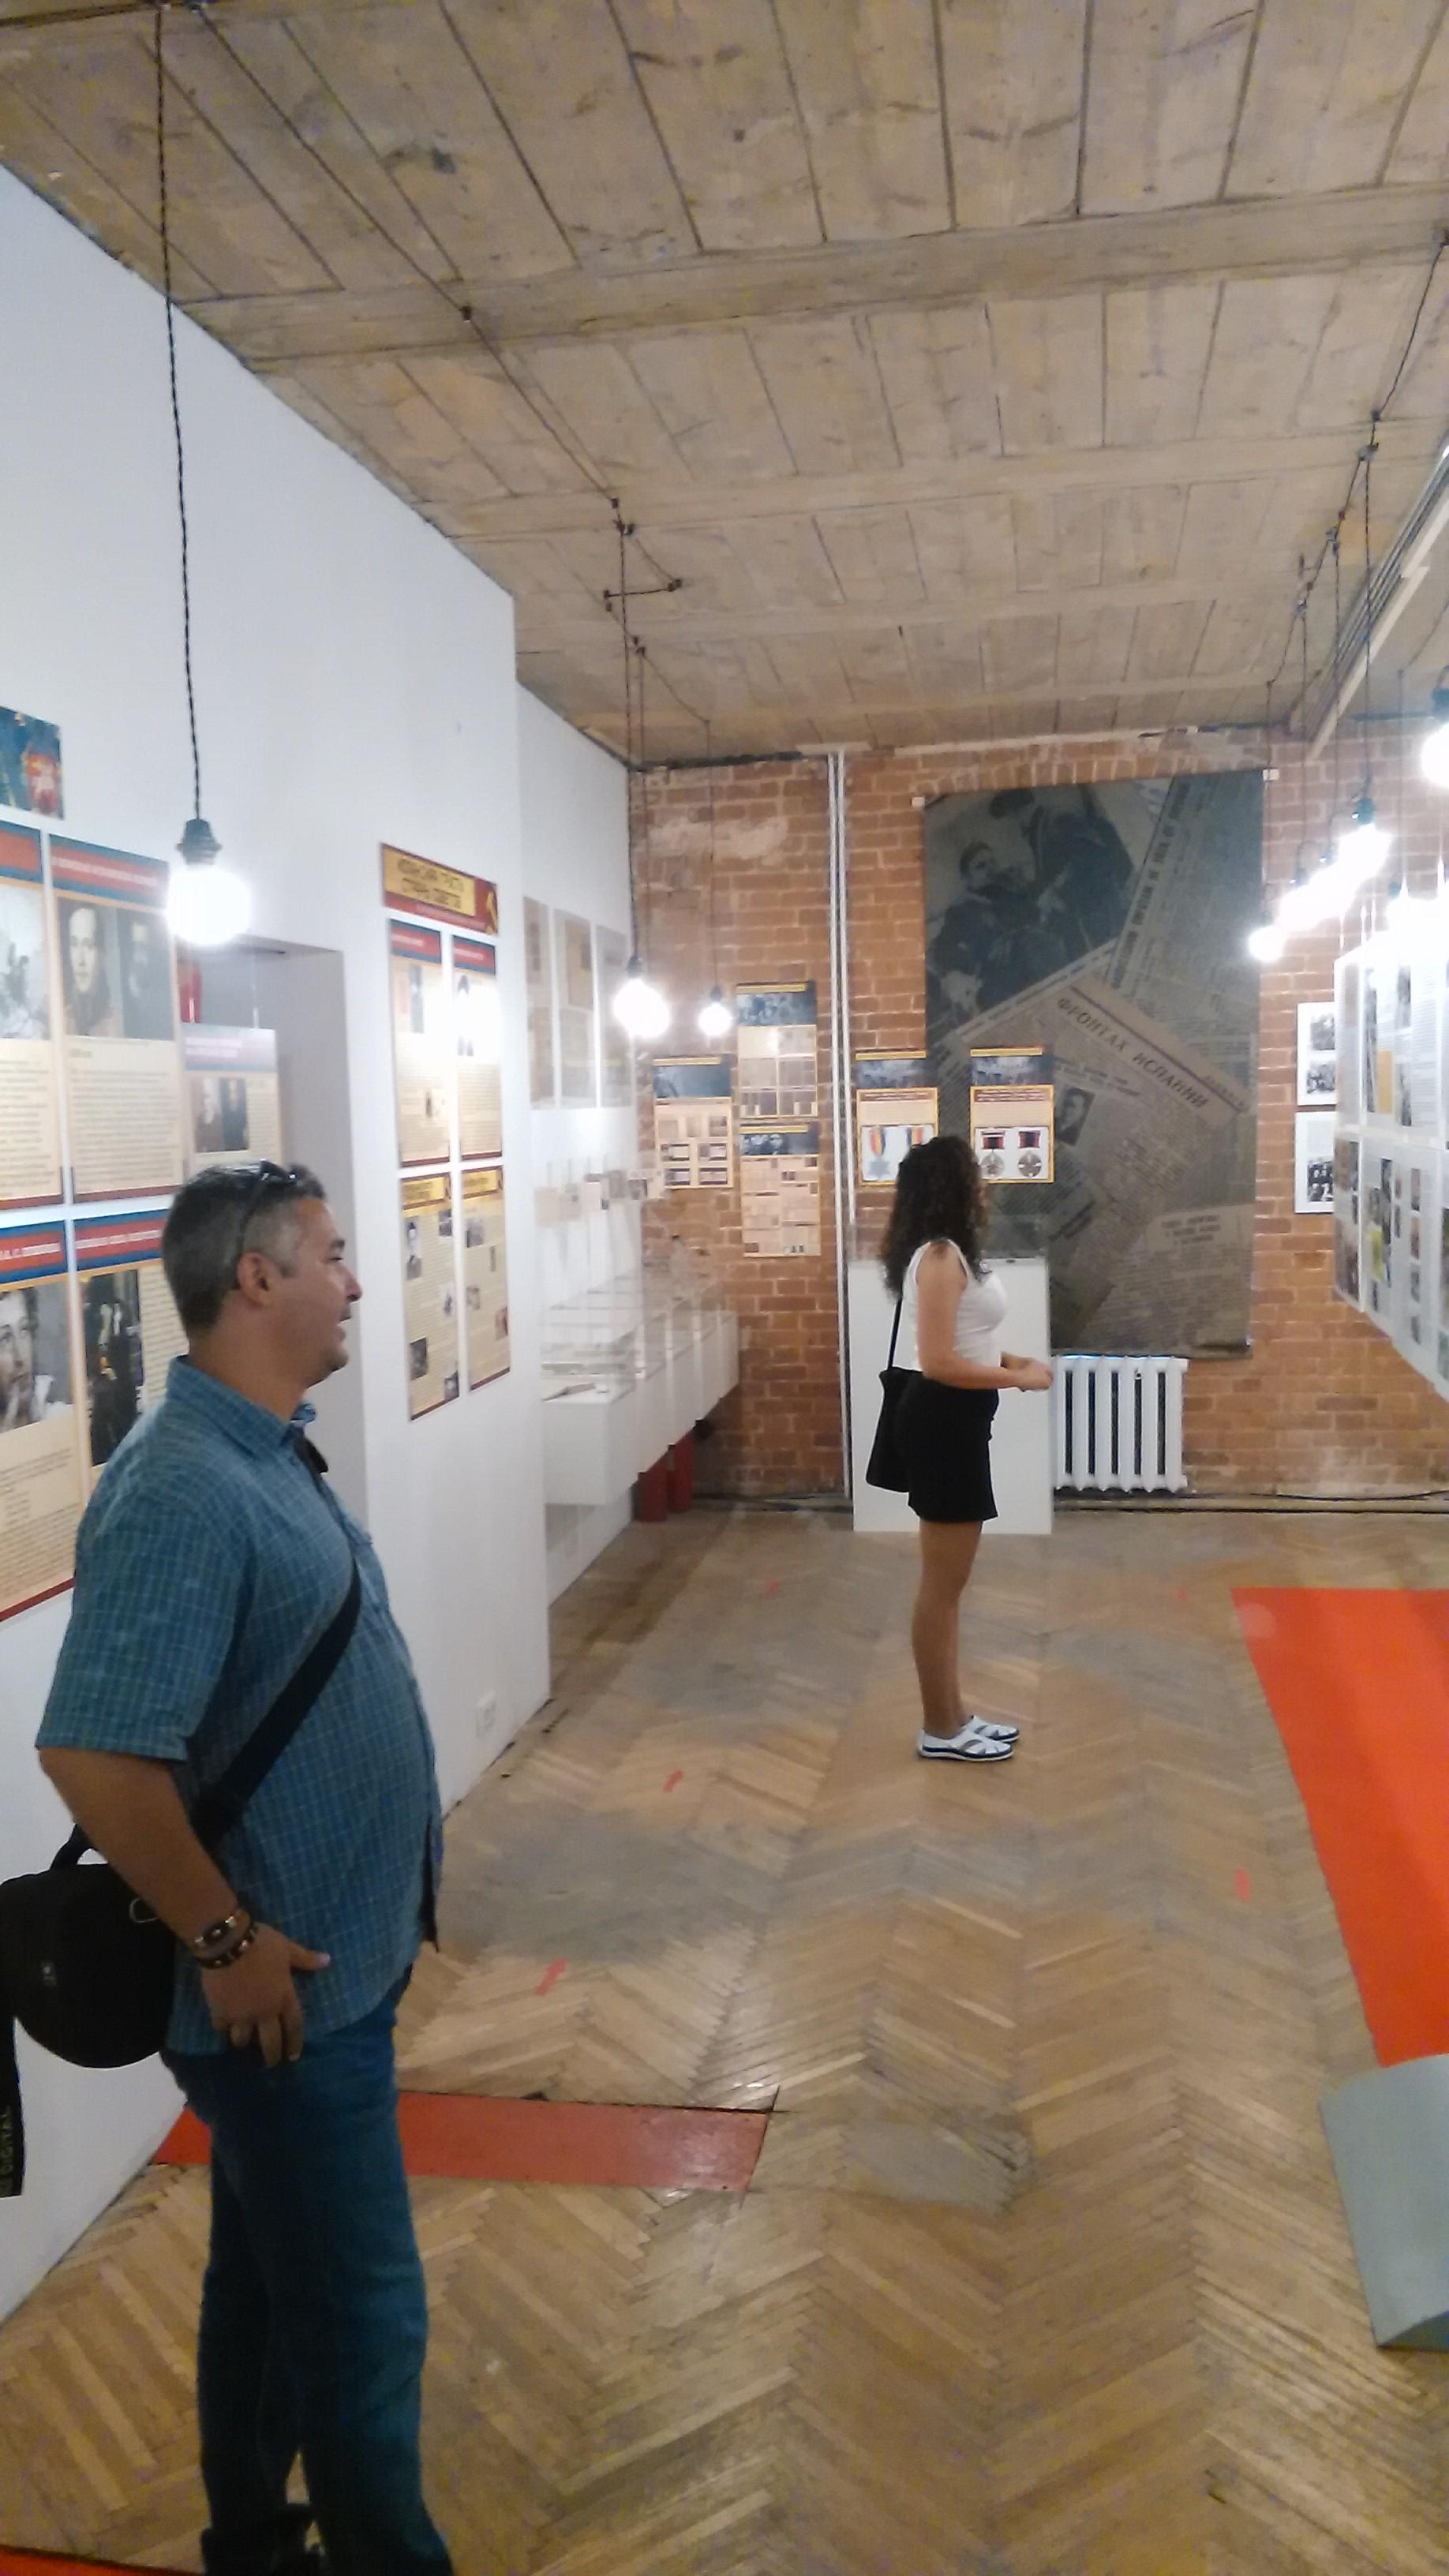 Эстер Леаль Агуита и Хуан Франсиско Аренас де Сориа осматривают экспозицию